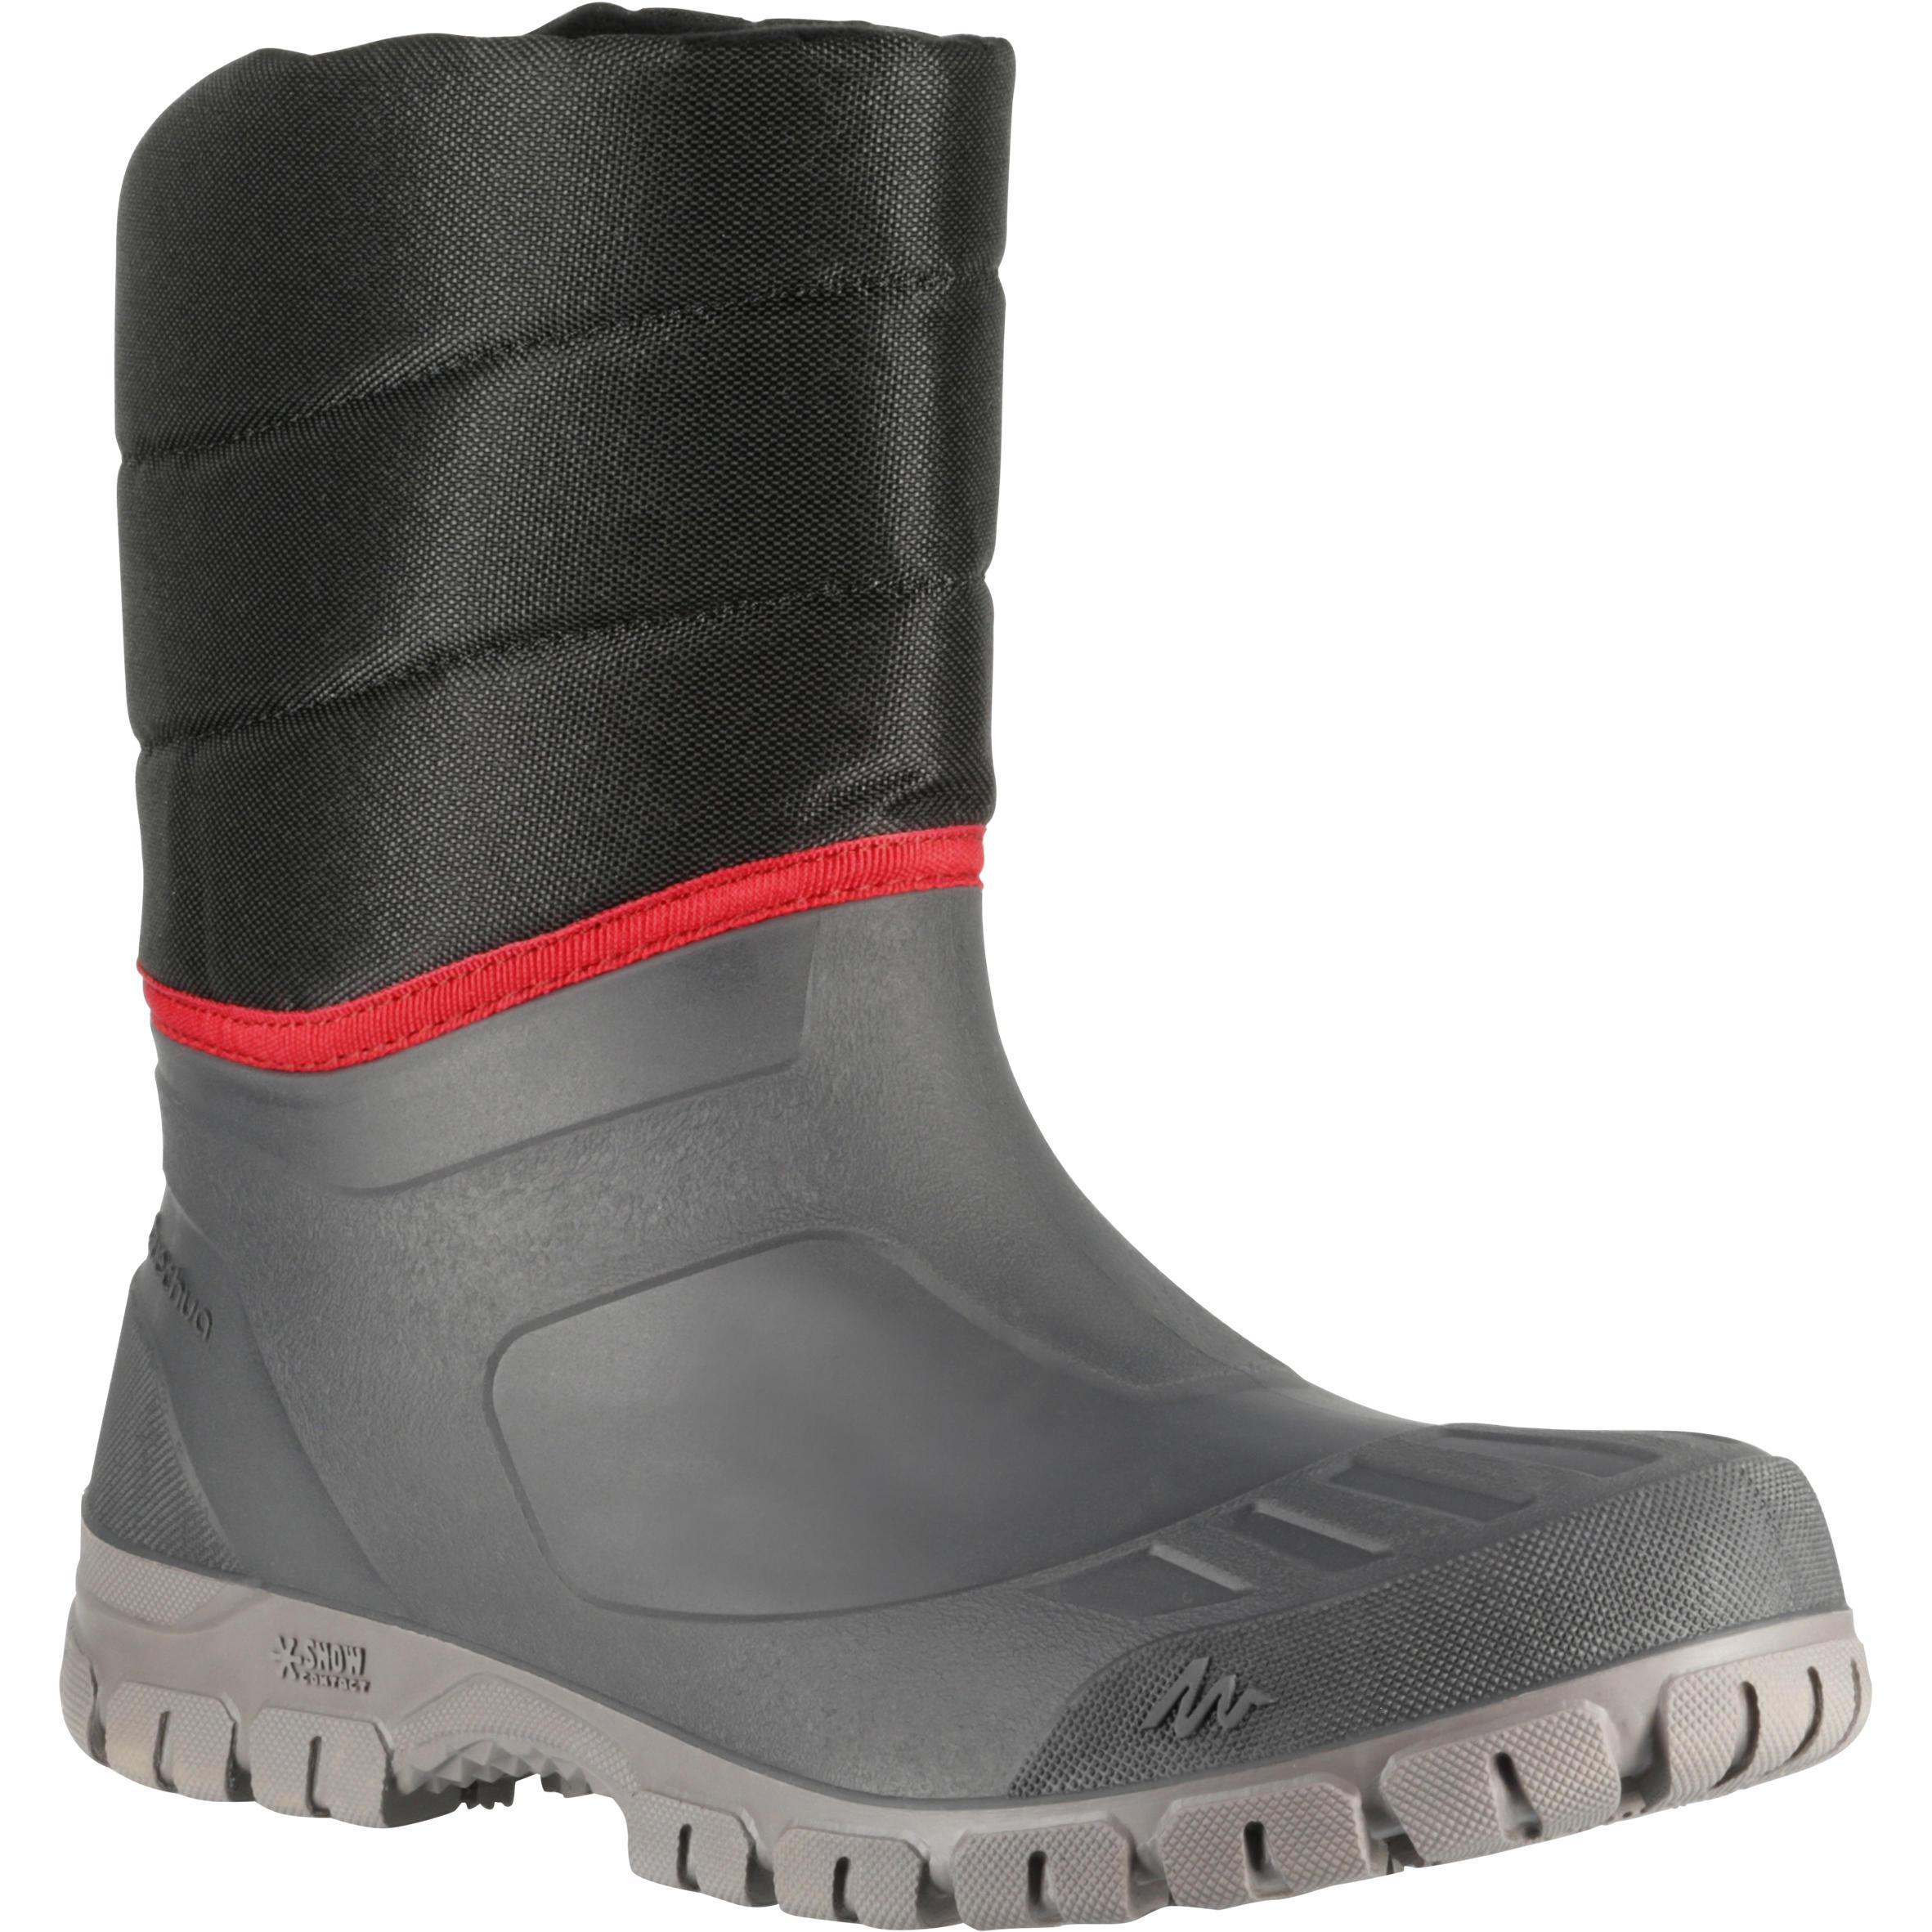 Quechua Heren wandellaarzen voor de sneeuw SH100 Warm